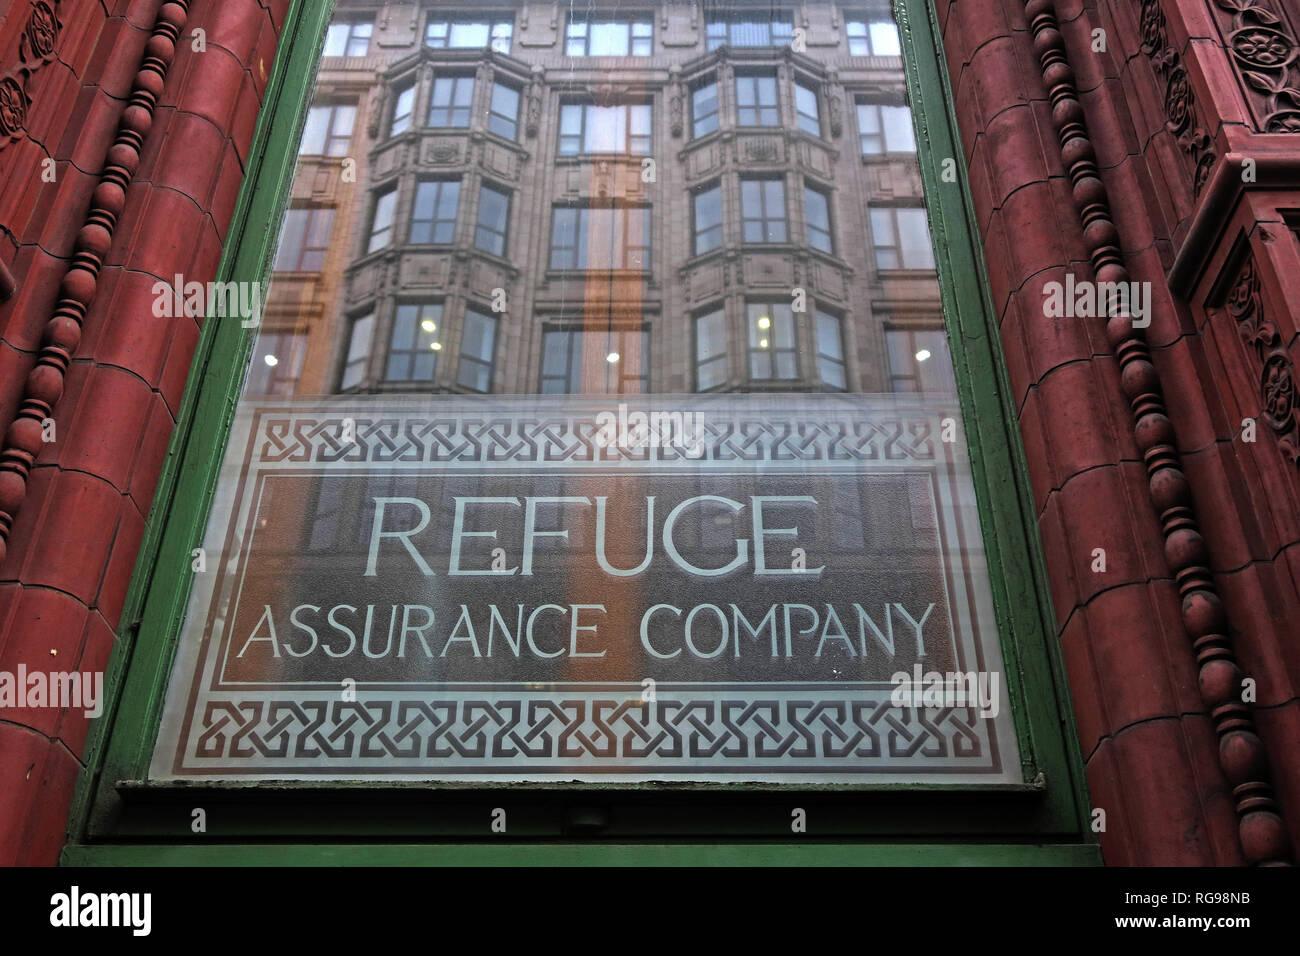 Laden Sie dieses Alamy Stockfoto Fenster Refuge Assurance Company Hauptverwaltung, Oxford Road, Manchester, North West England, VEREINIGTES KÖNIGREICH, - RG98NB